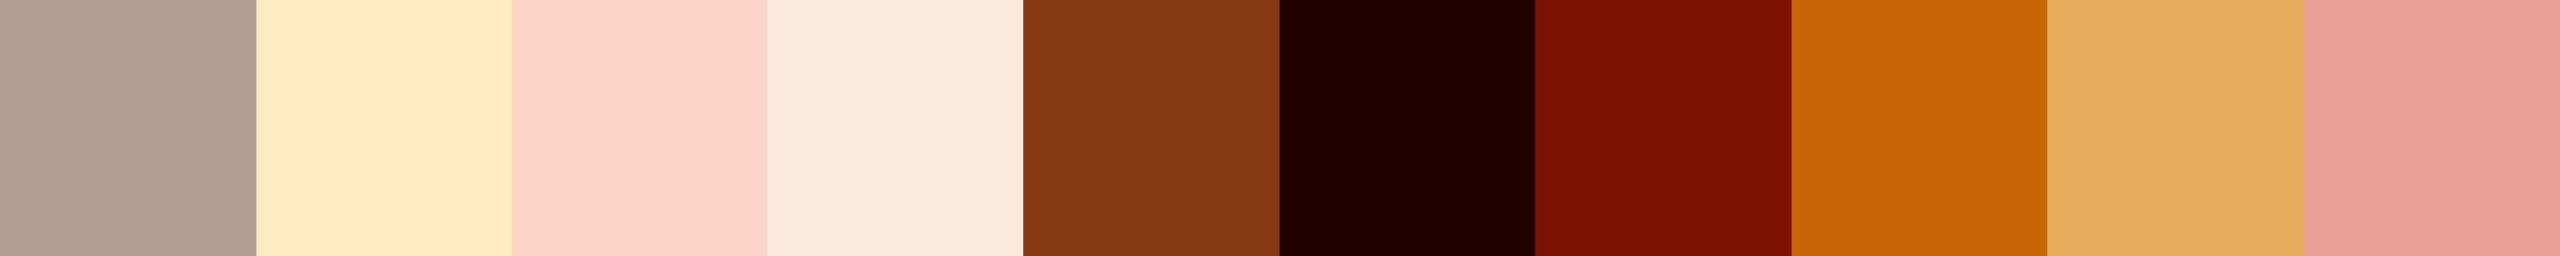 733 Sovireca Color Palette